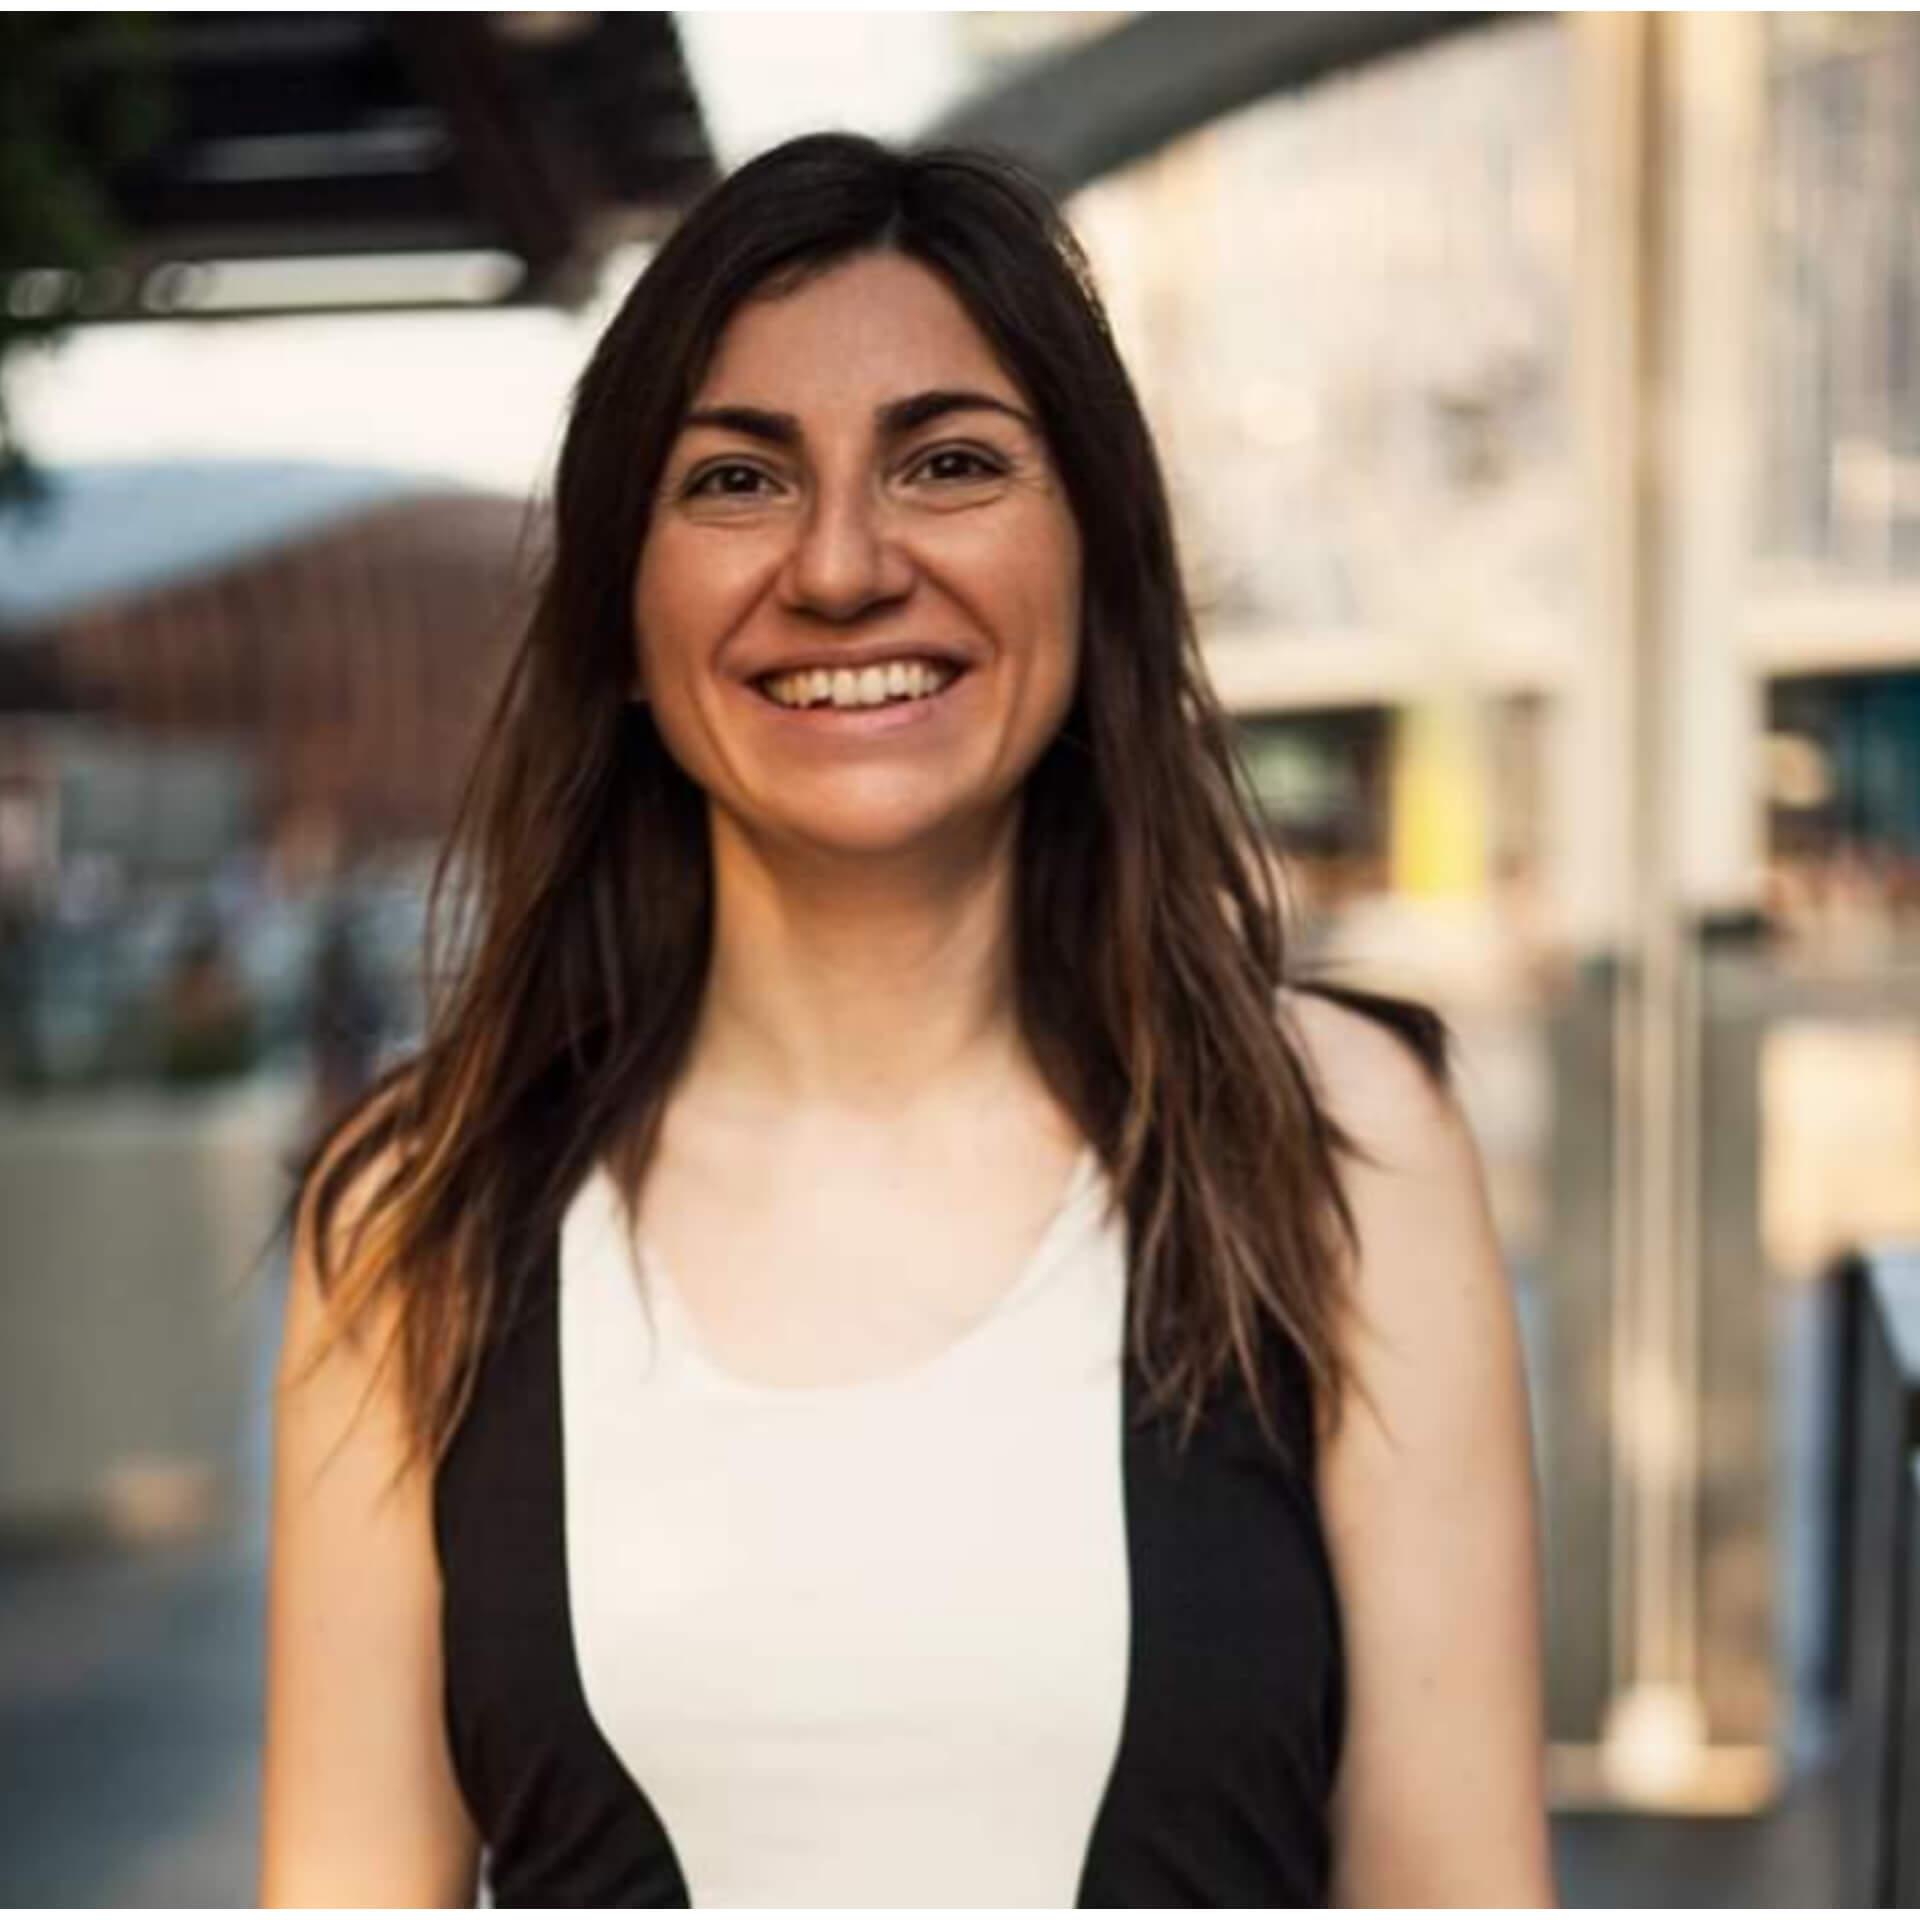 Alessandra Moscheri